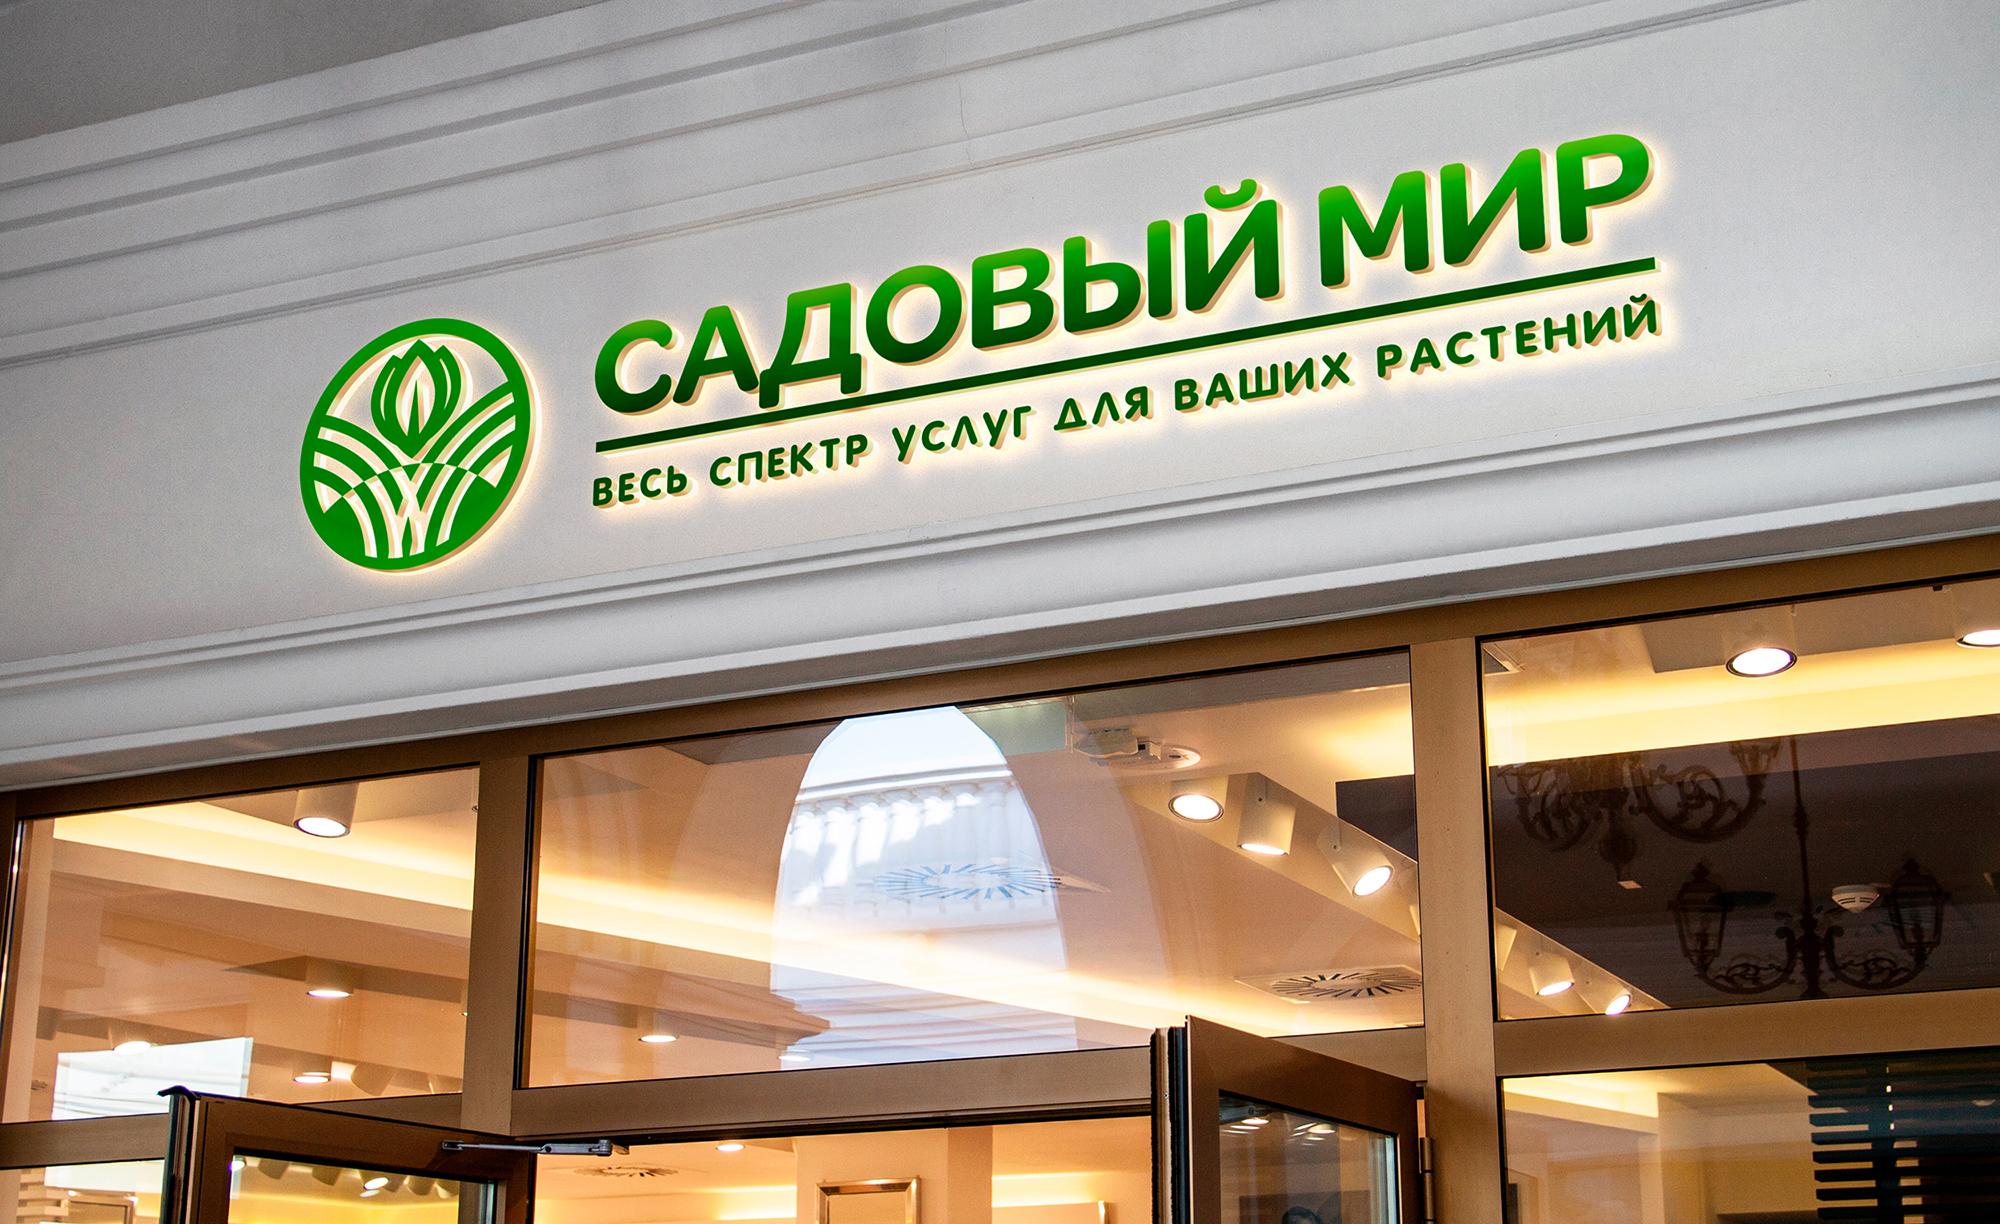 Разработка название садового центра, логотип и слоган фото f_4575a7f0f8c83f98.jpg